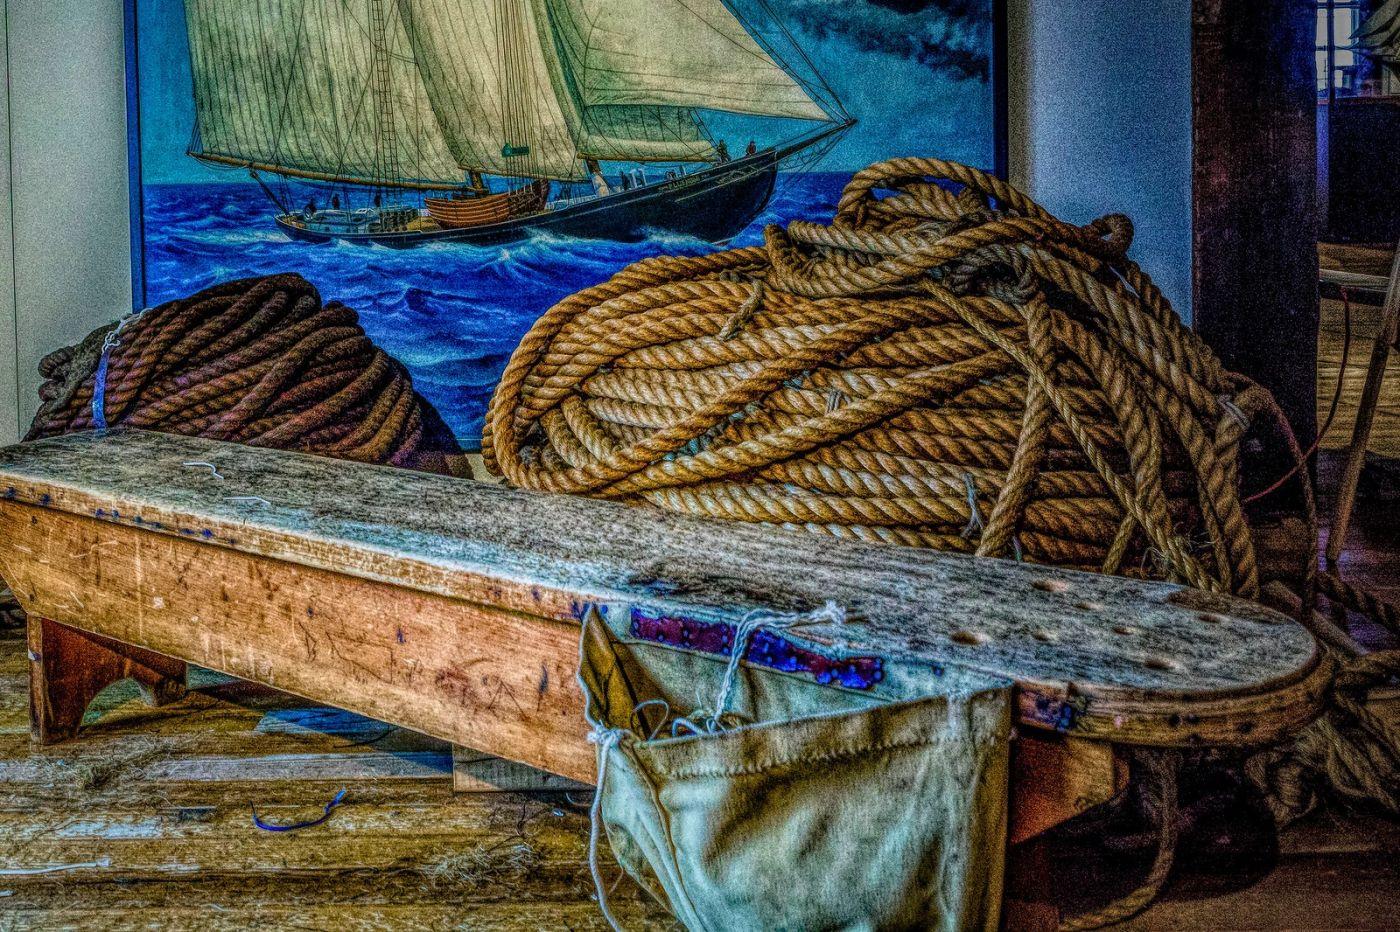 加拿大Halifax大西洋海事博物馆,展品丰富_图1-6